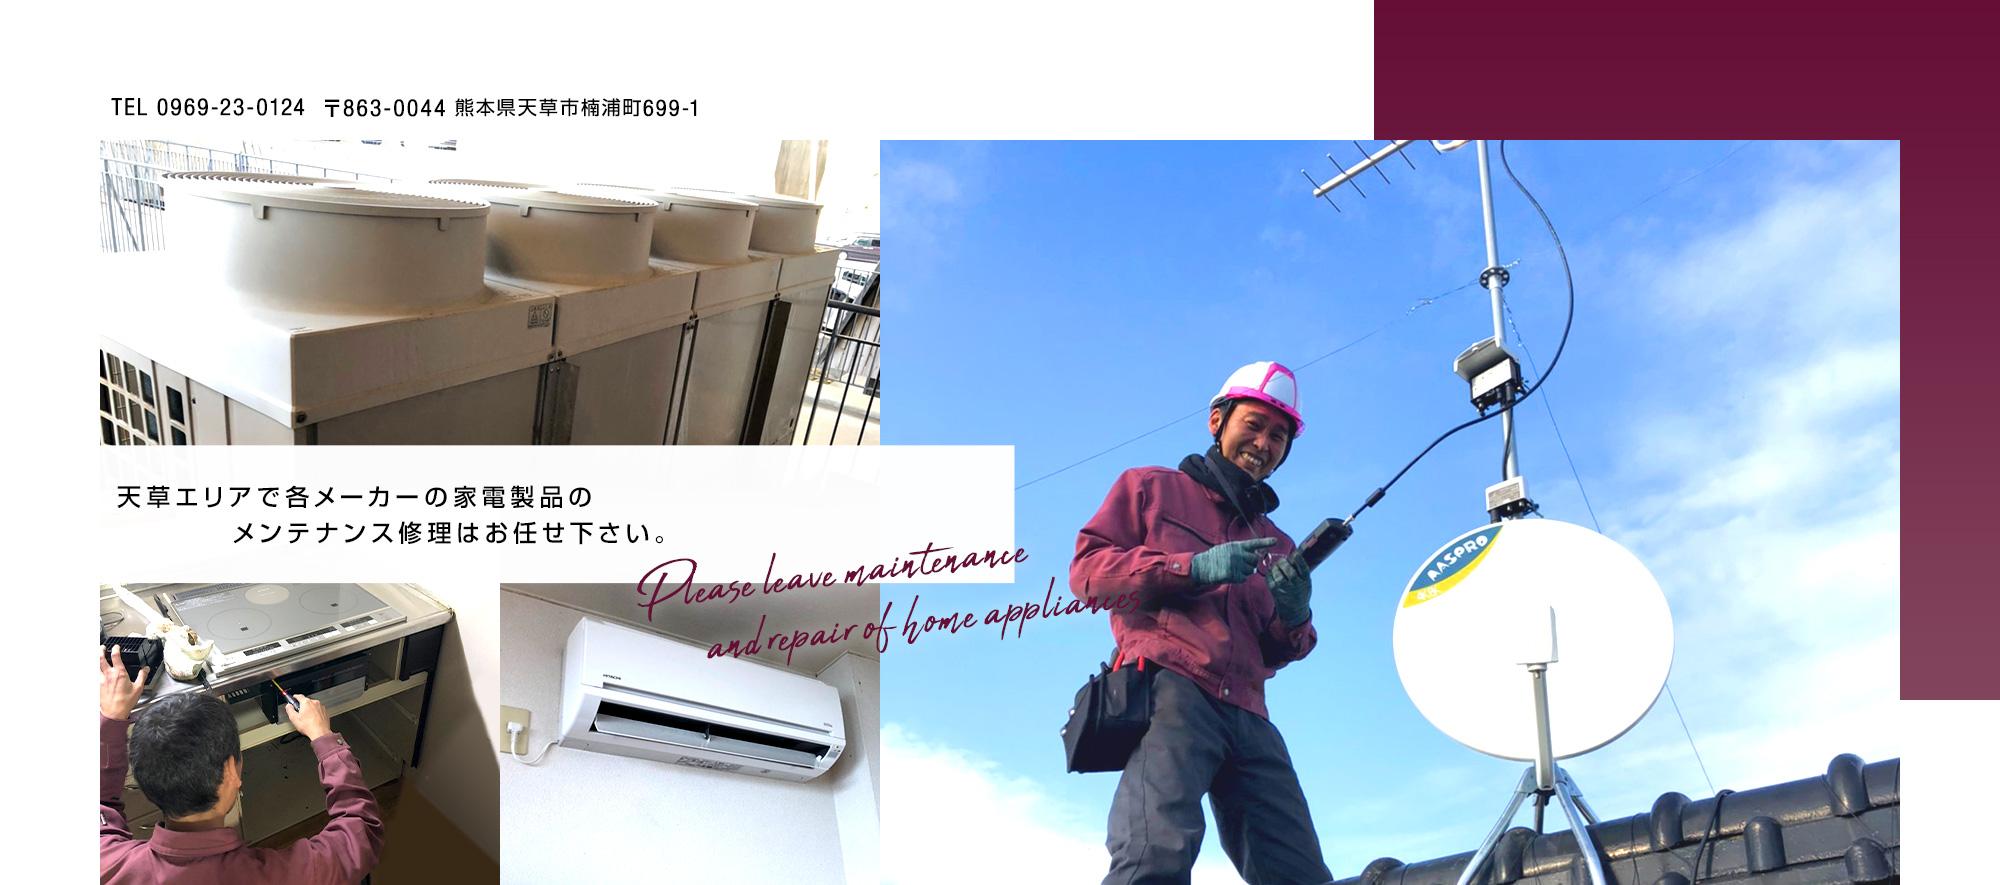 天草エリアで各メーカーの家電製品のメンテナンス修理はお任せ下さい。